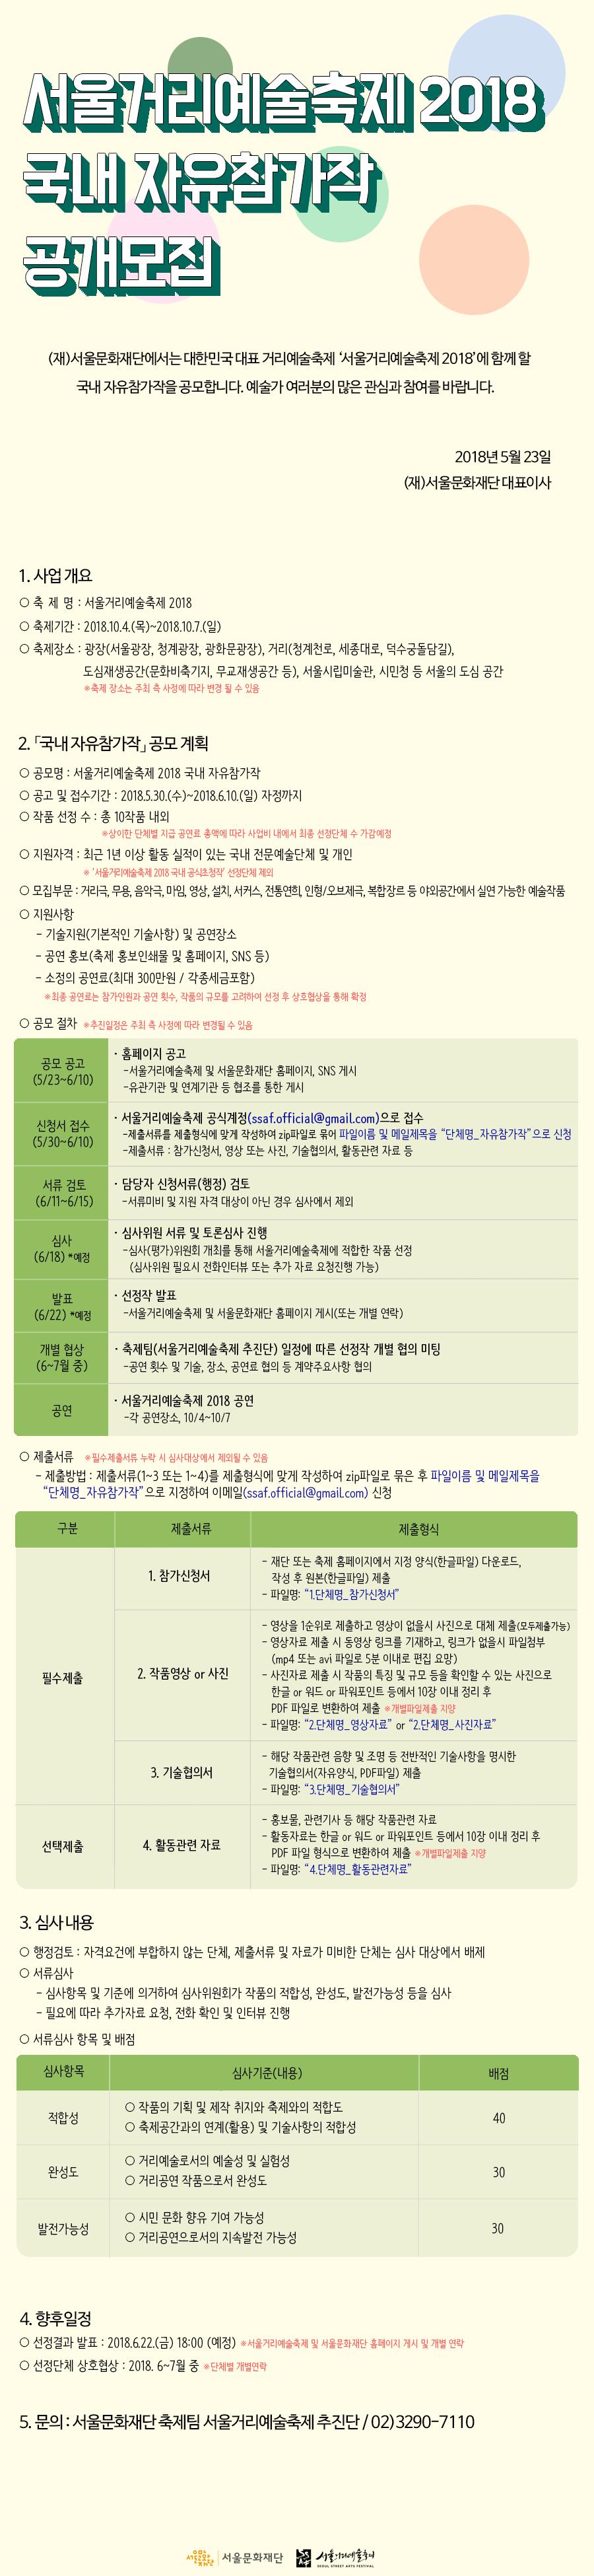 [공모] 서울거리예술축제 2018 국내 자유참가작 공개모집(~6/30)이미지1